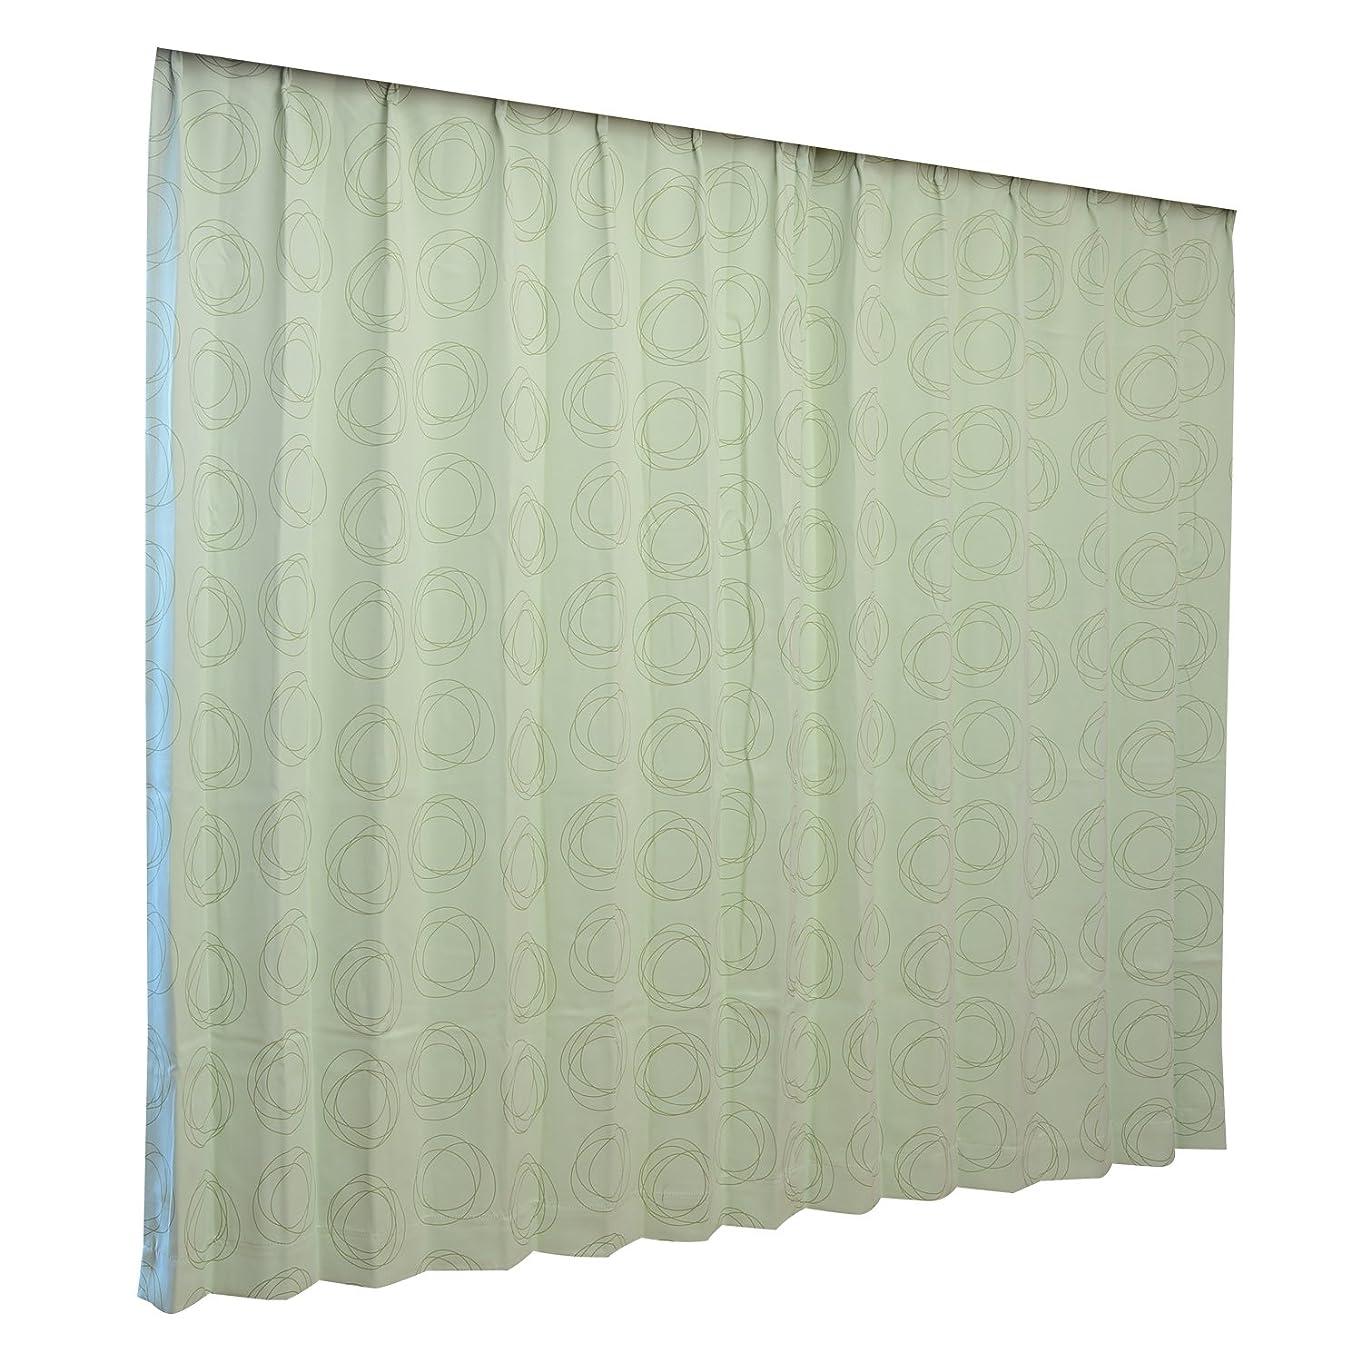 ぬれたモネ蓮Haruka?Style(ハルカ?スタイル) 1級遮光カーテン2枚組 ドットステラ 幅100×丈200cm グリーン